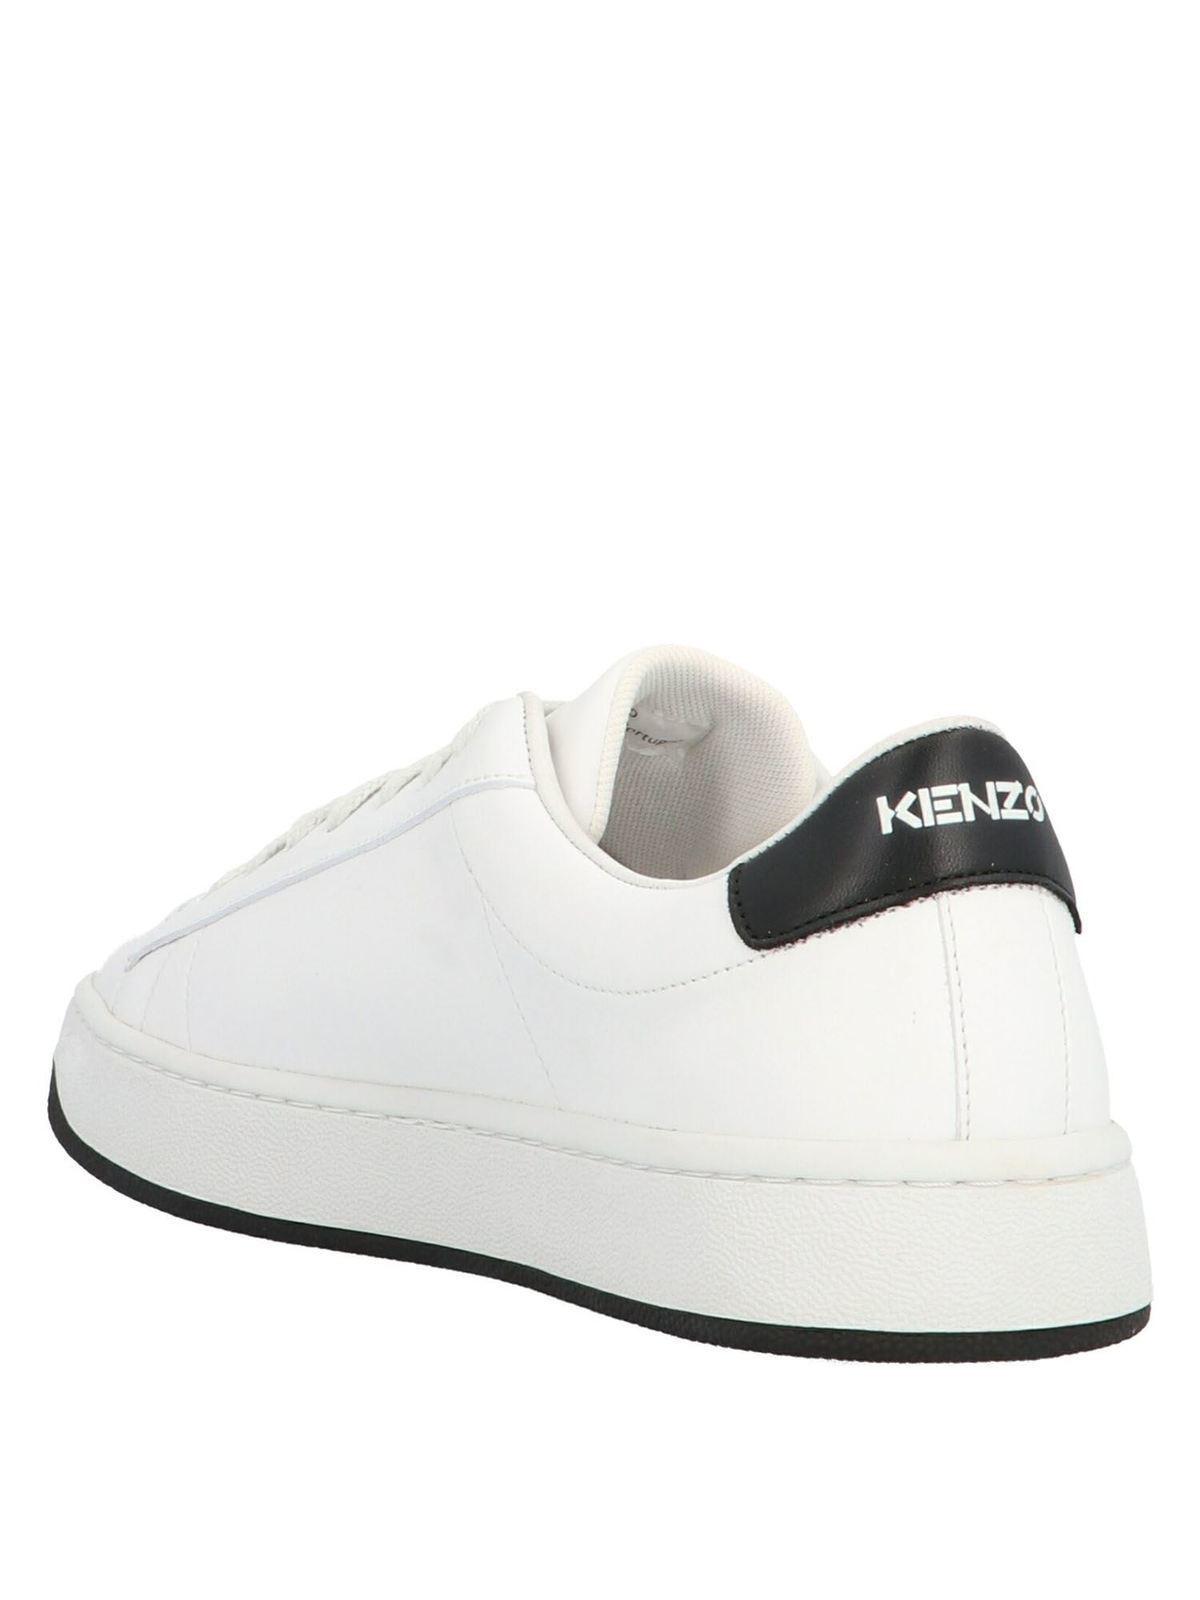 Kenzo - K-logo sneakers in white